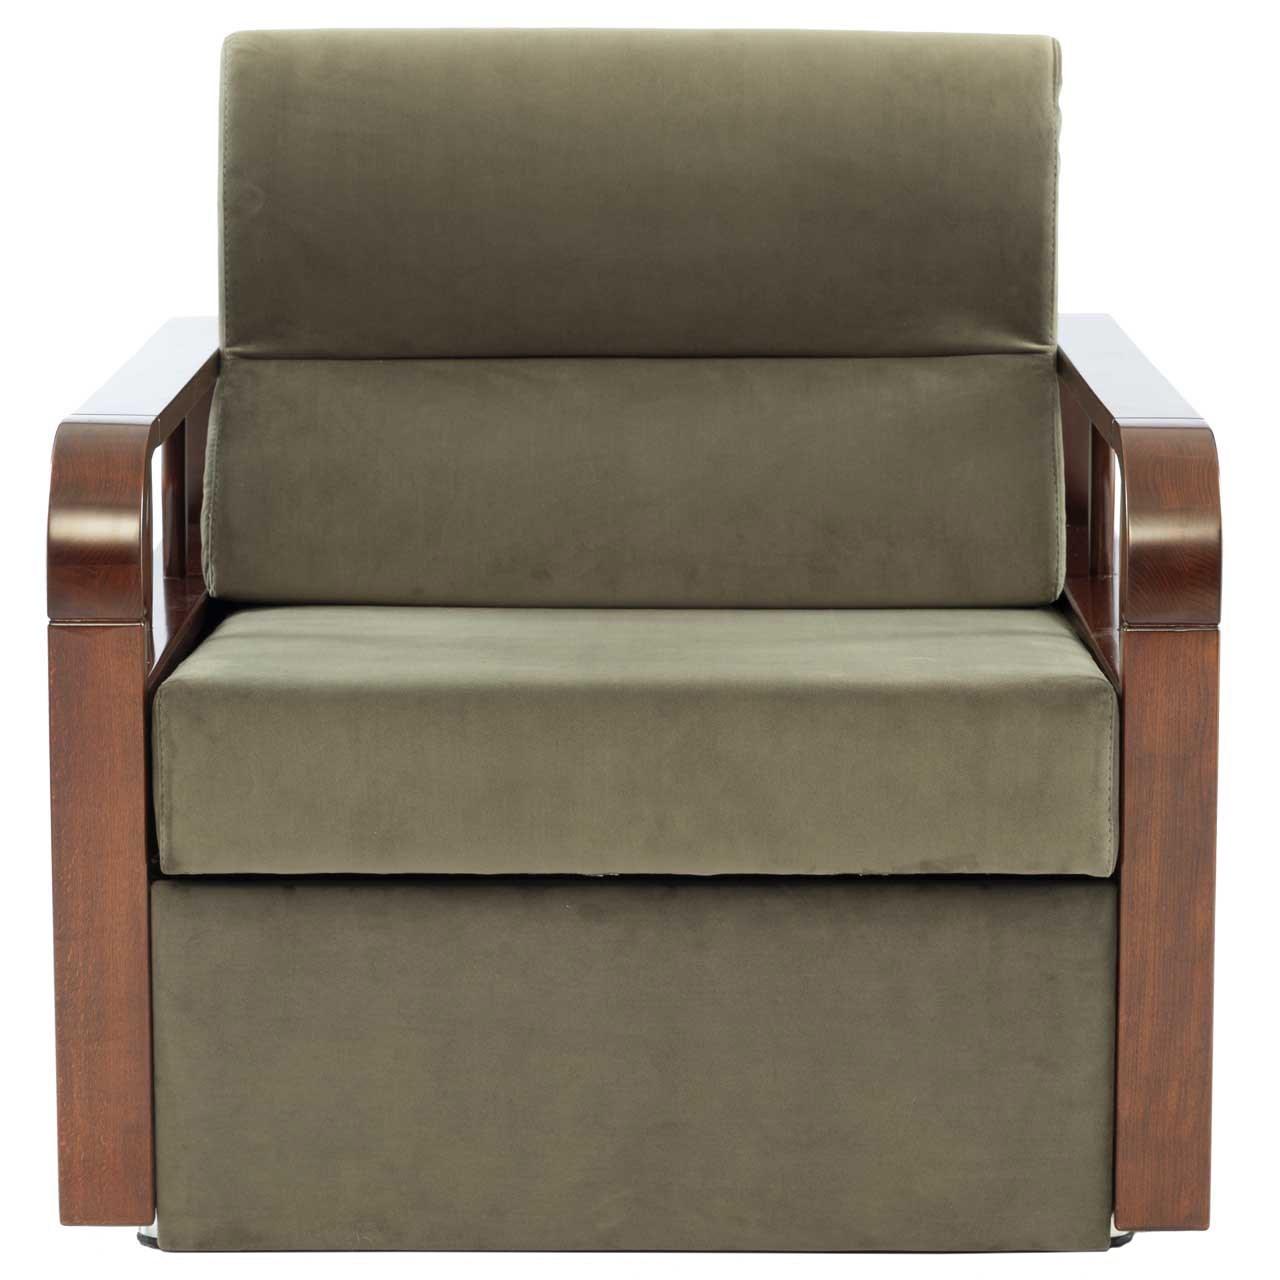 صندلی اداری پارچه ای راد سیستم مدل W705